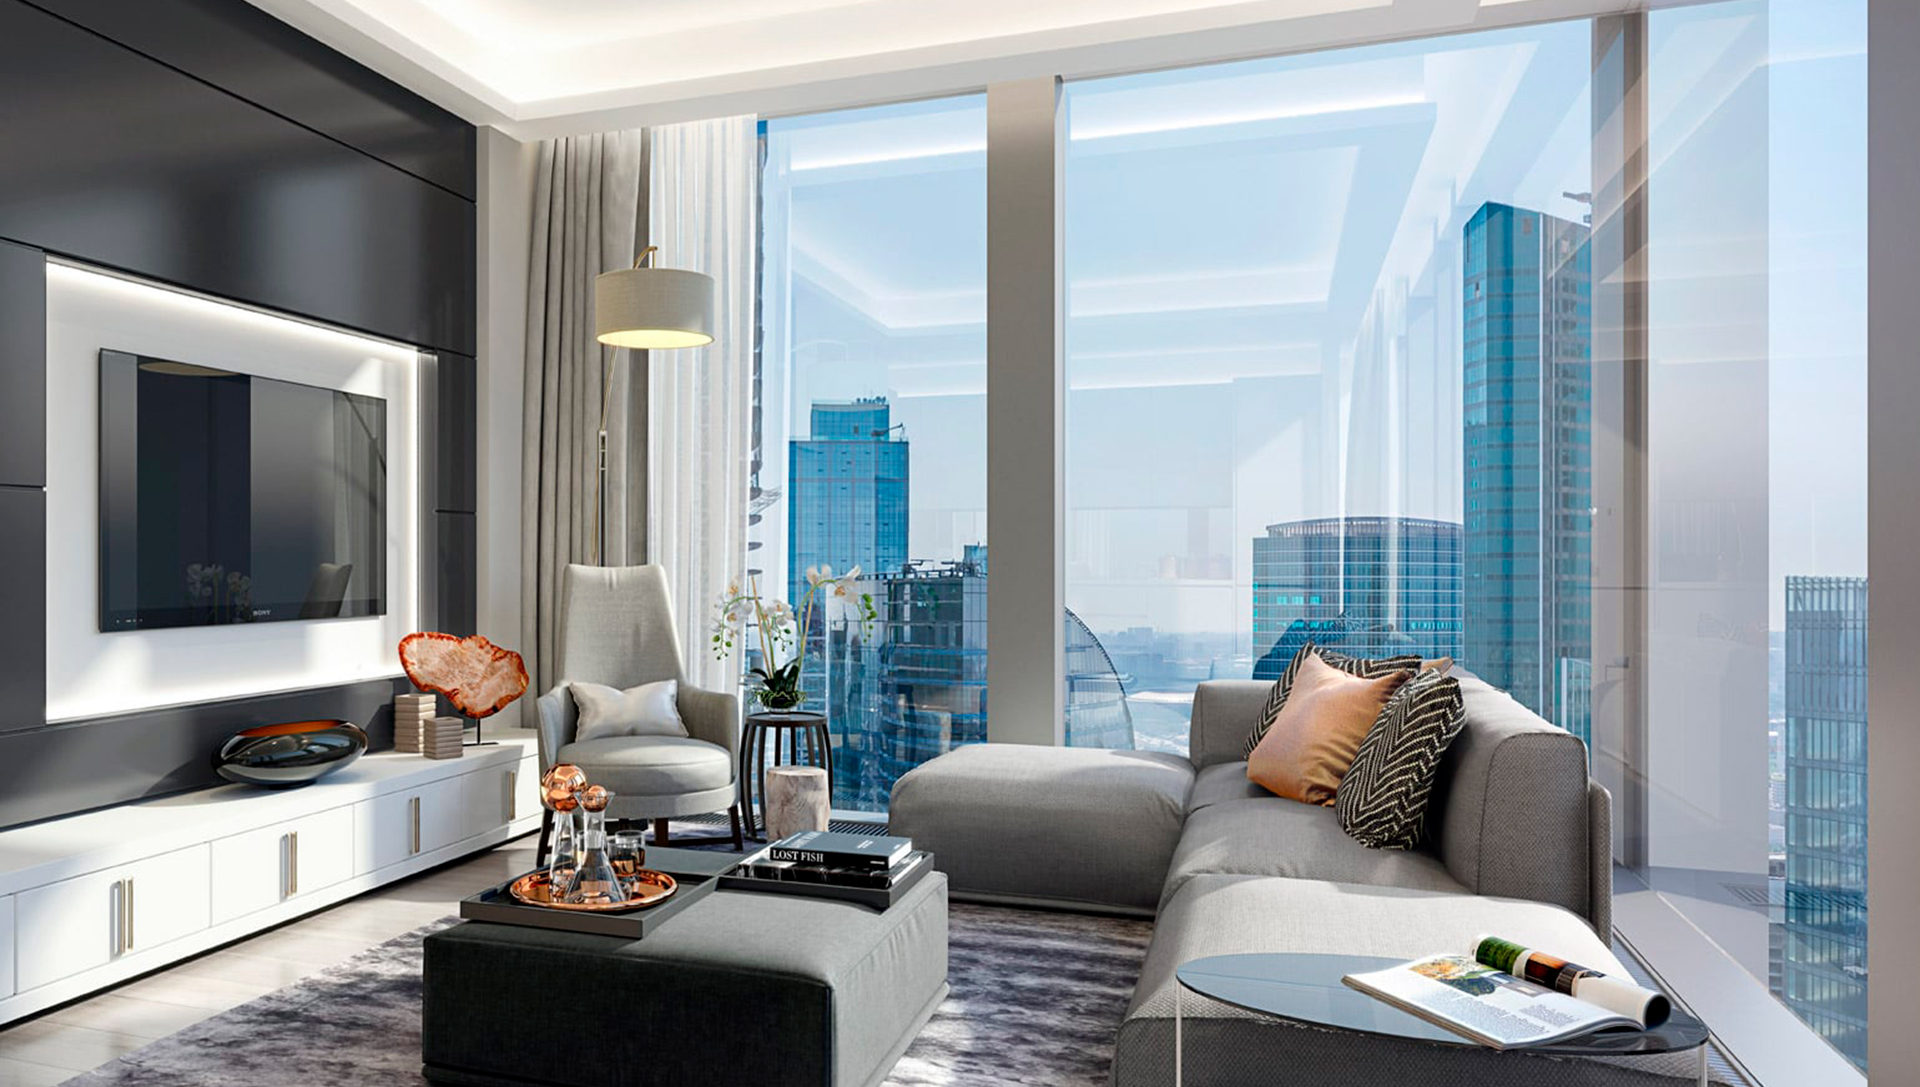 Продажа апартаментов в турции миллениум плаза дубай